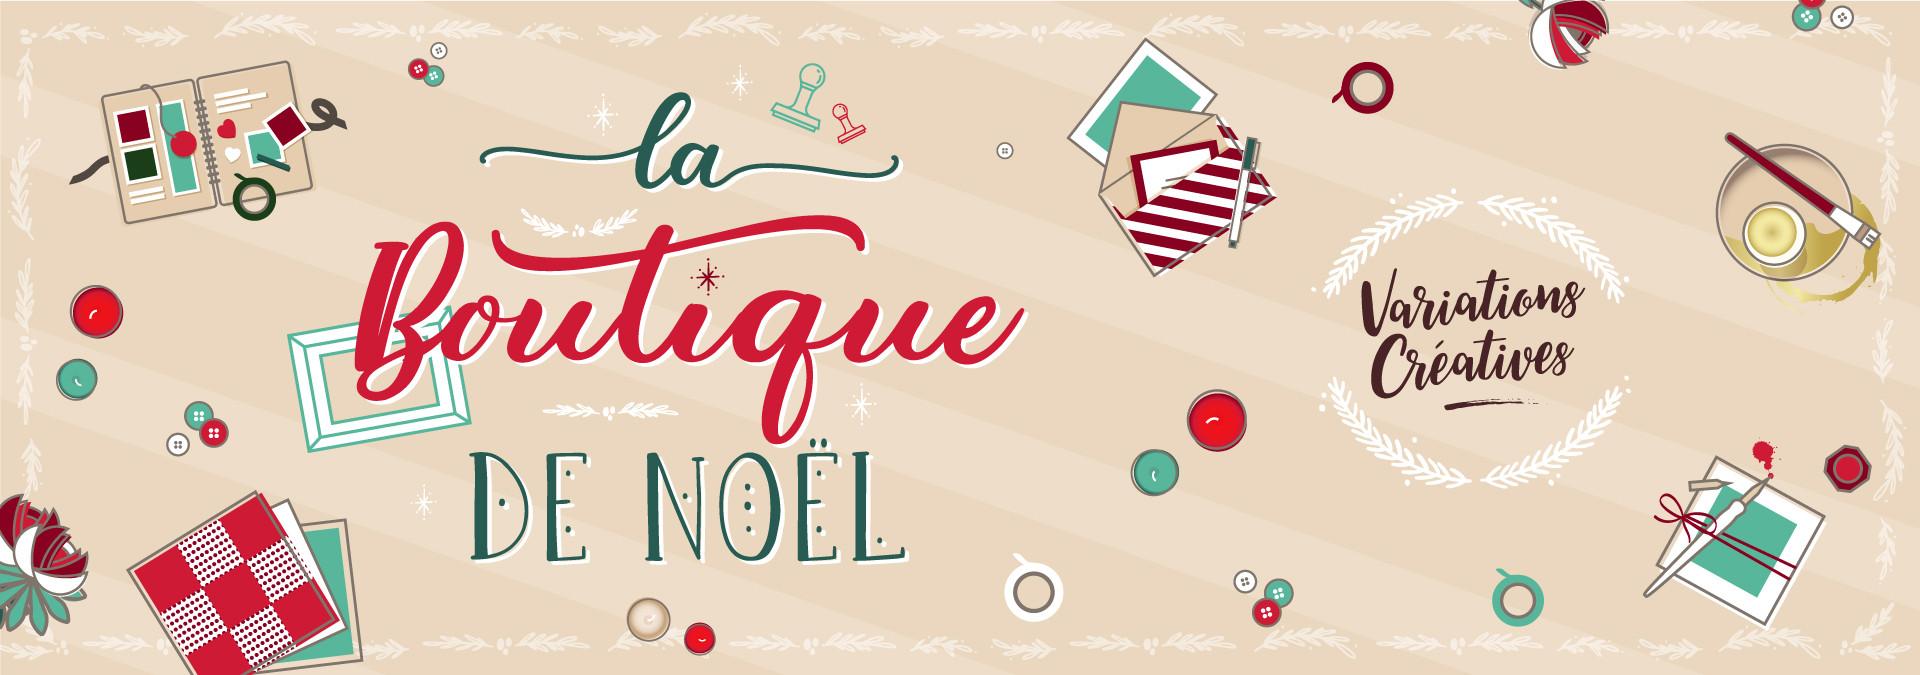 Boutique de Noël variations créatives : scrapbooking, DIY & carterie